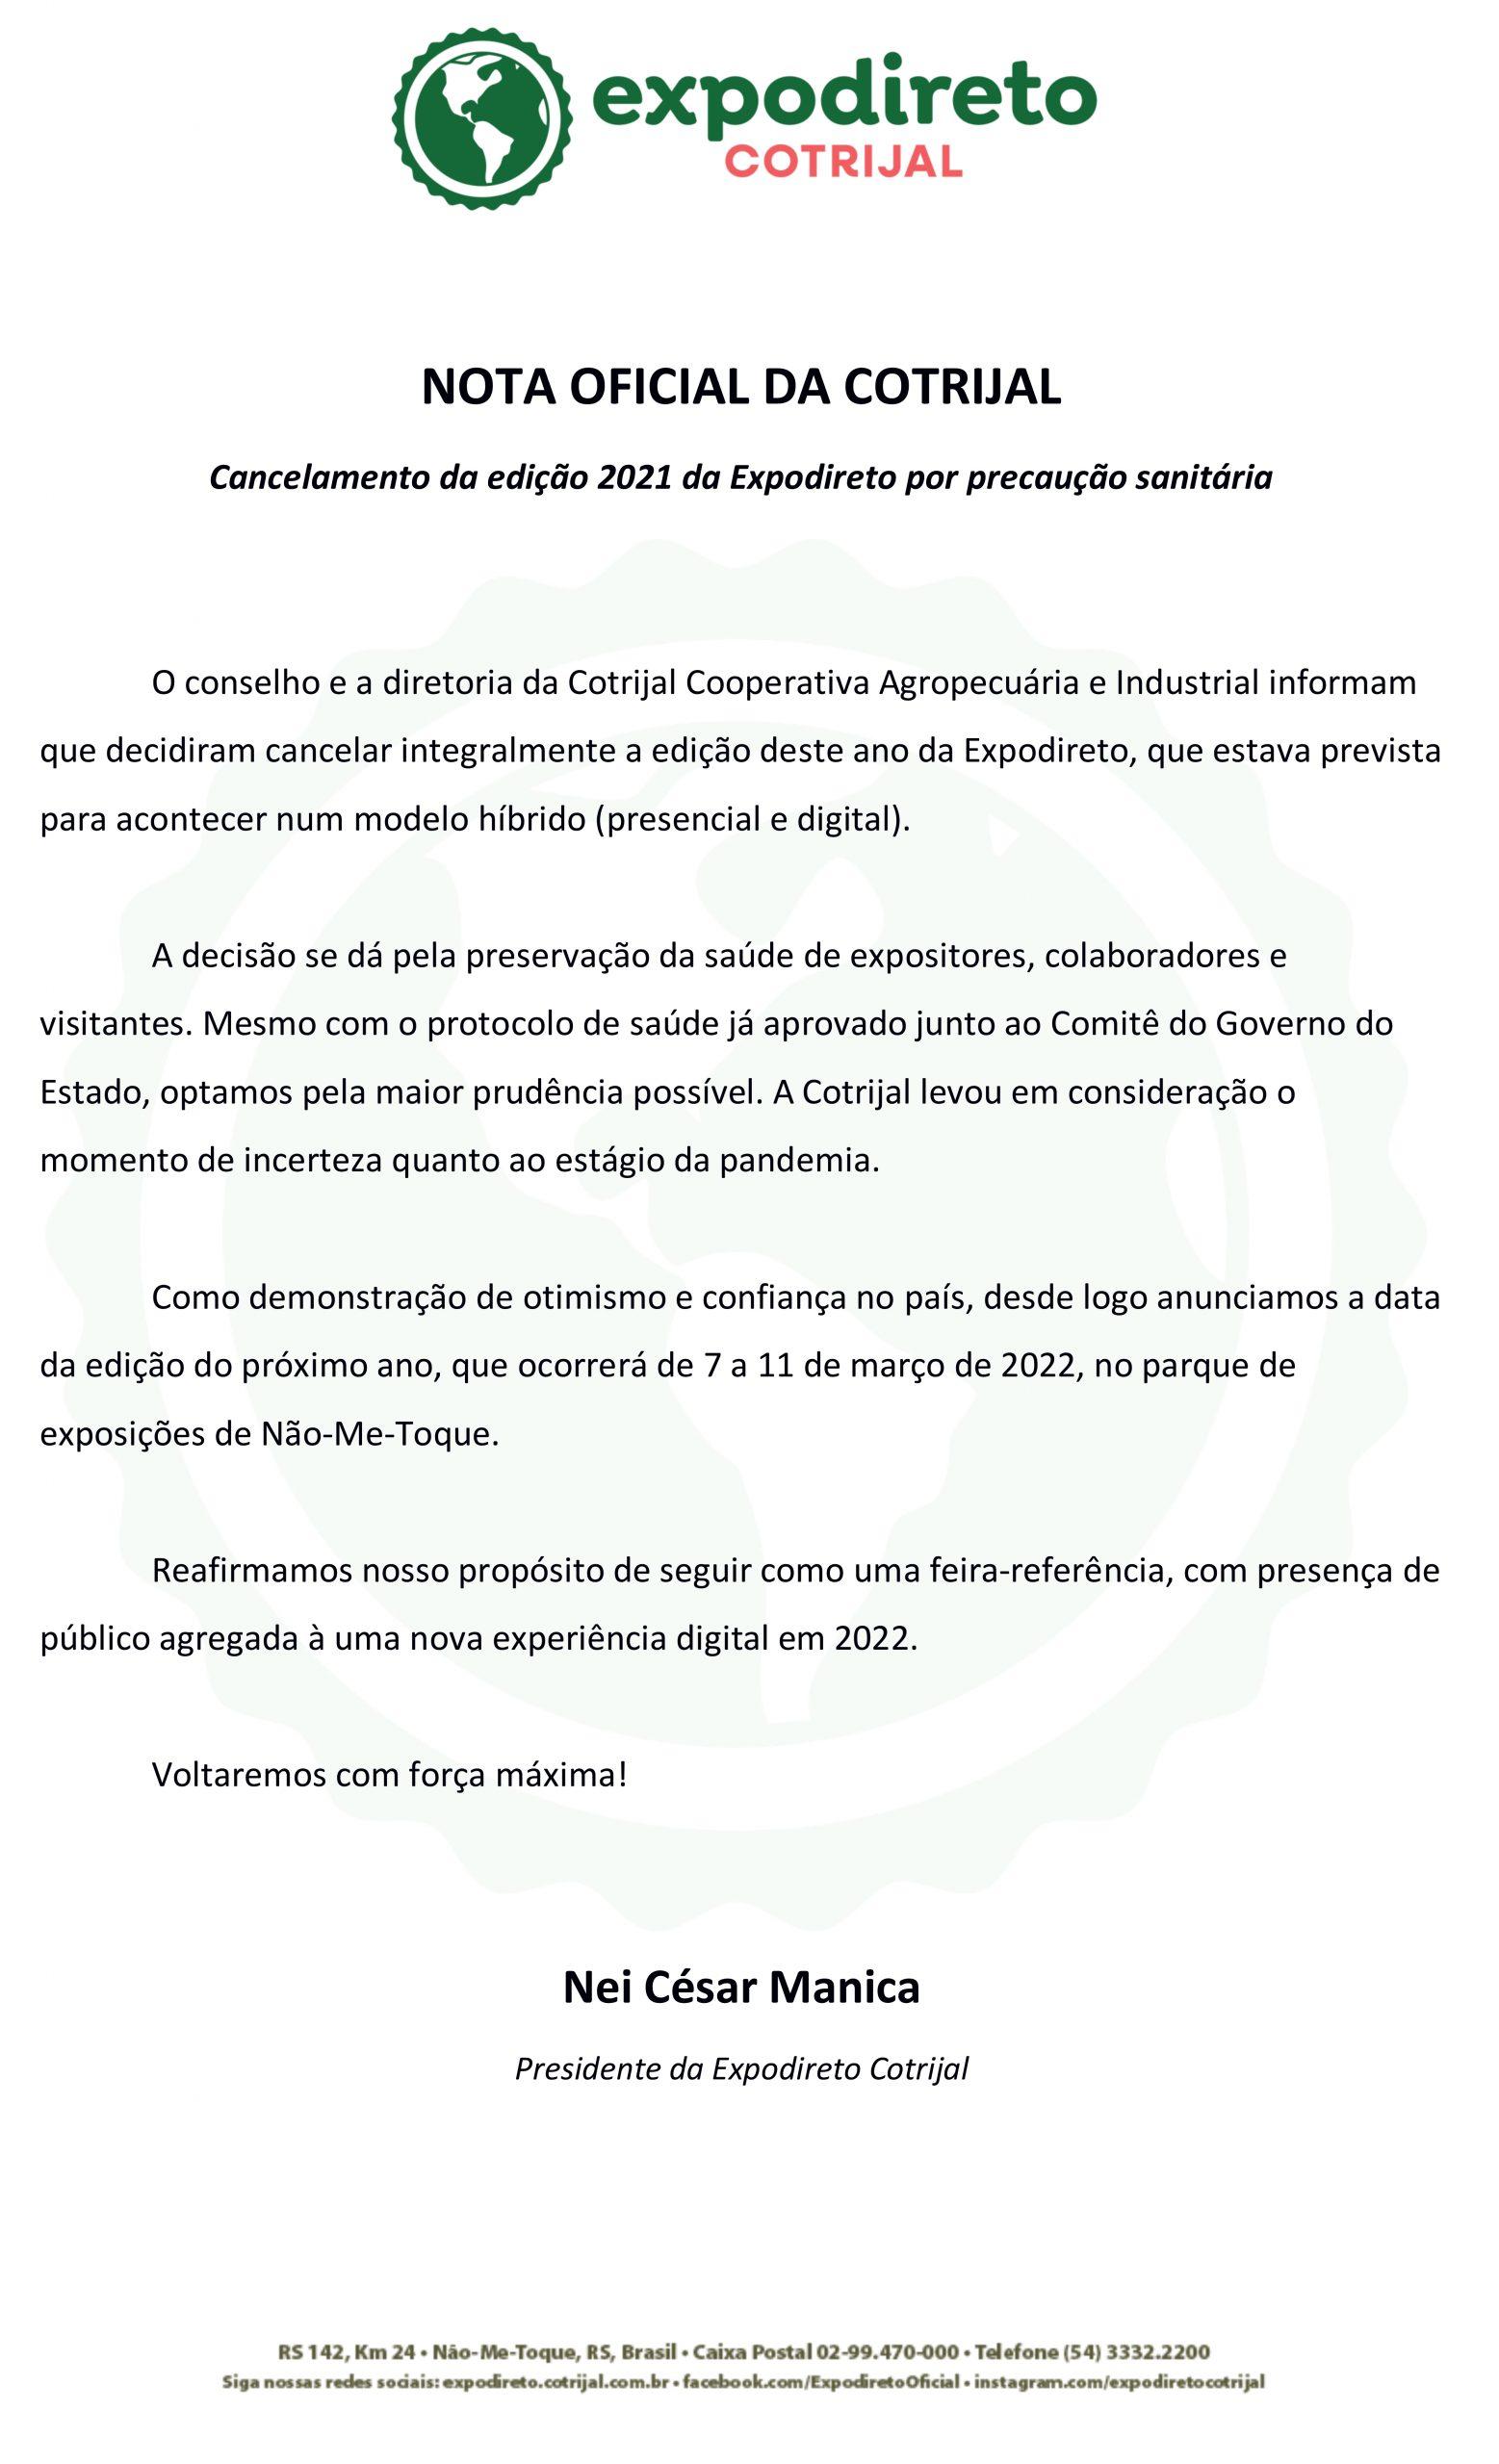 URGENTE: Expodireto 2021 está cancelada